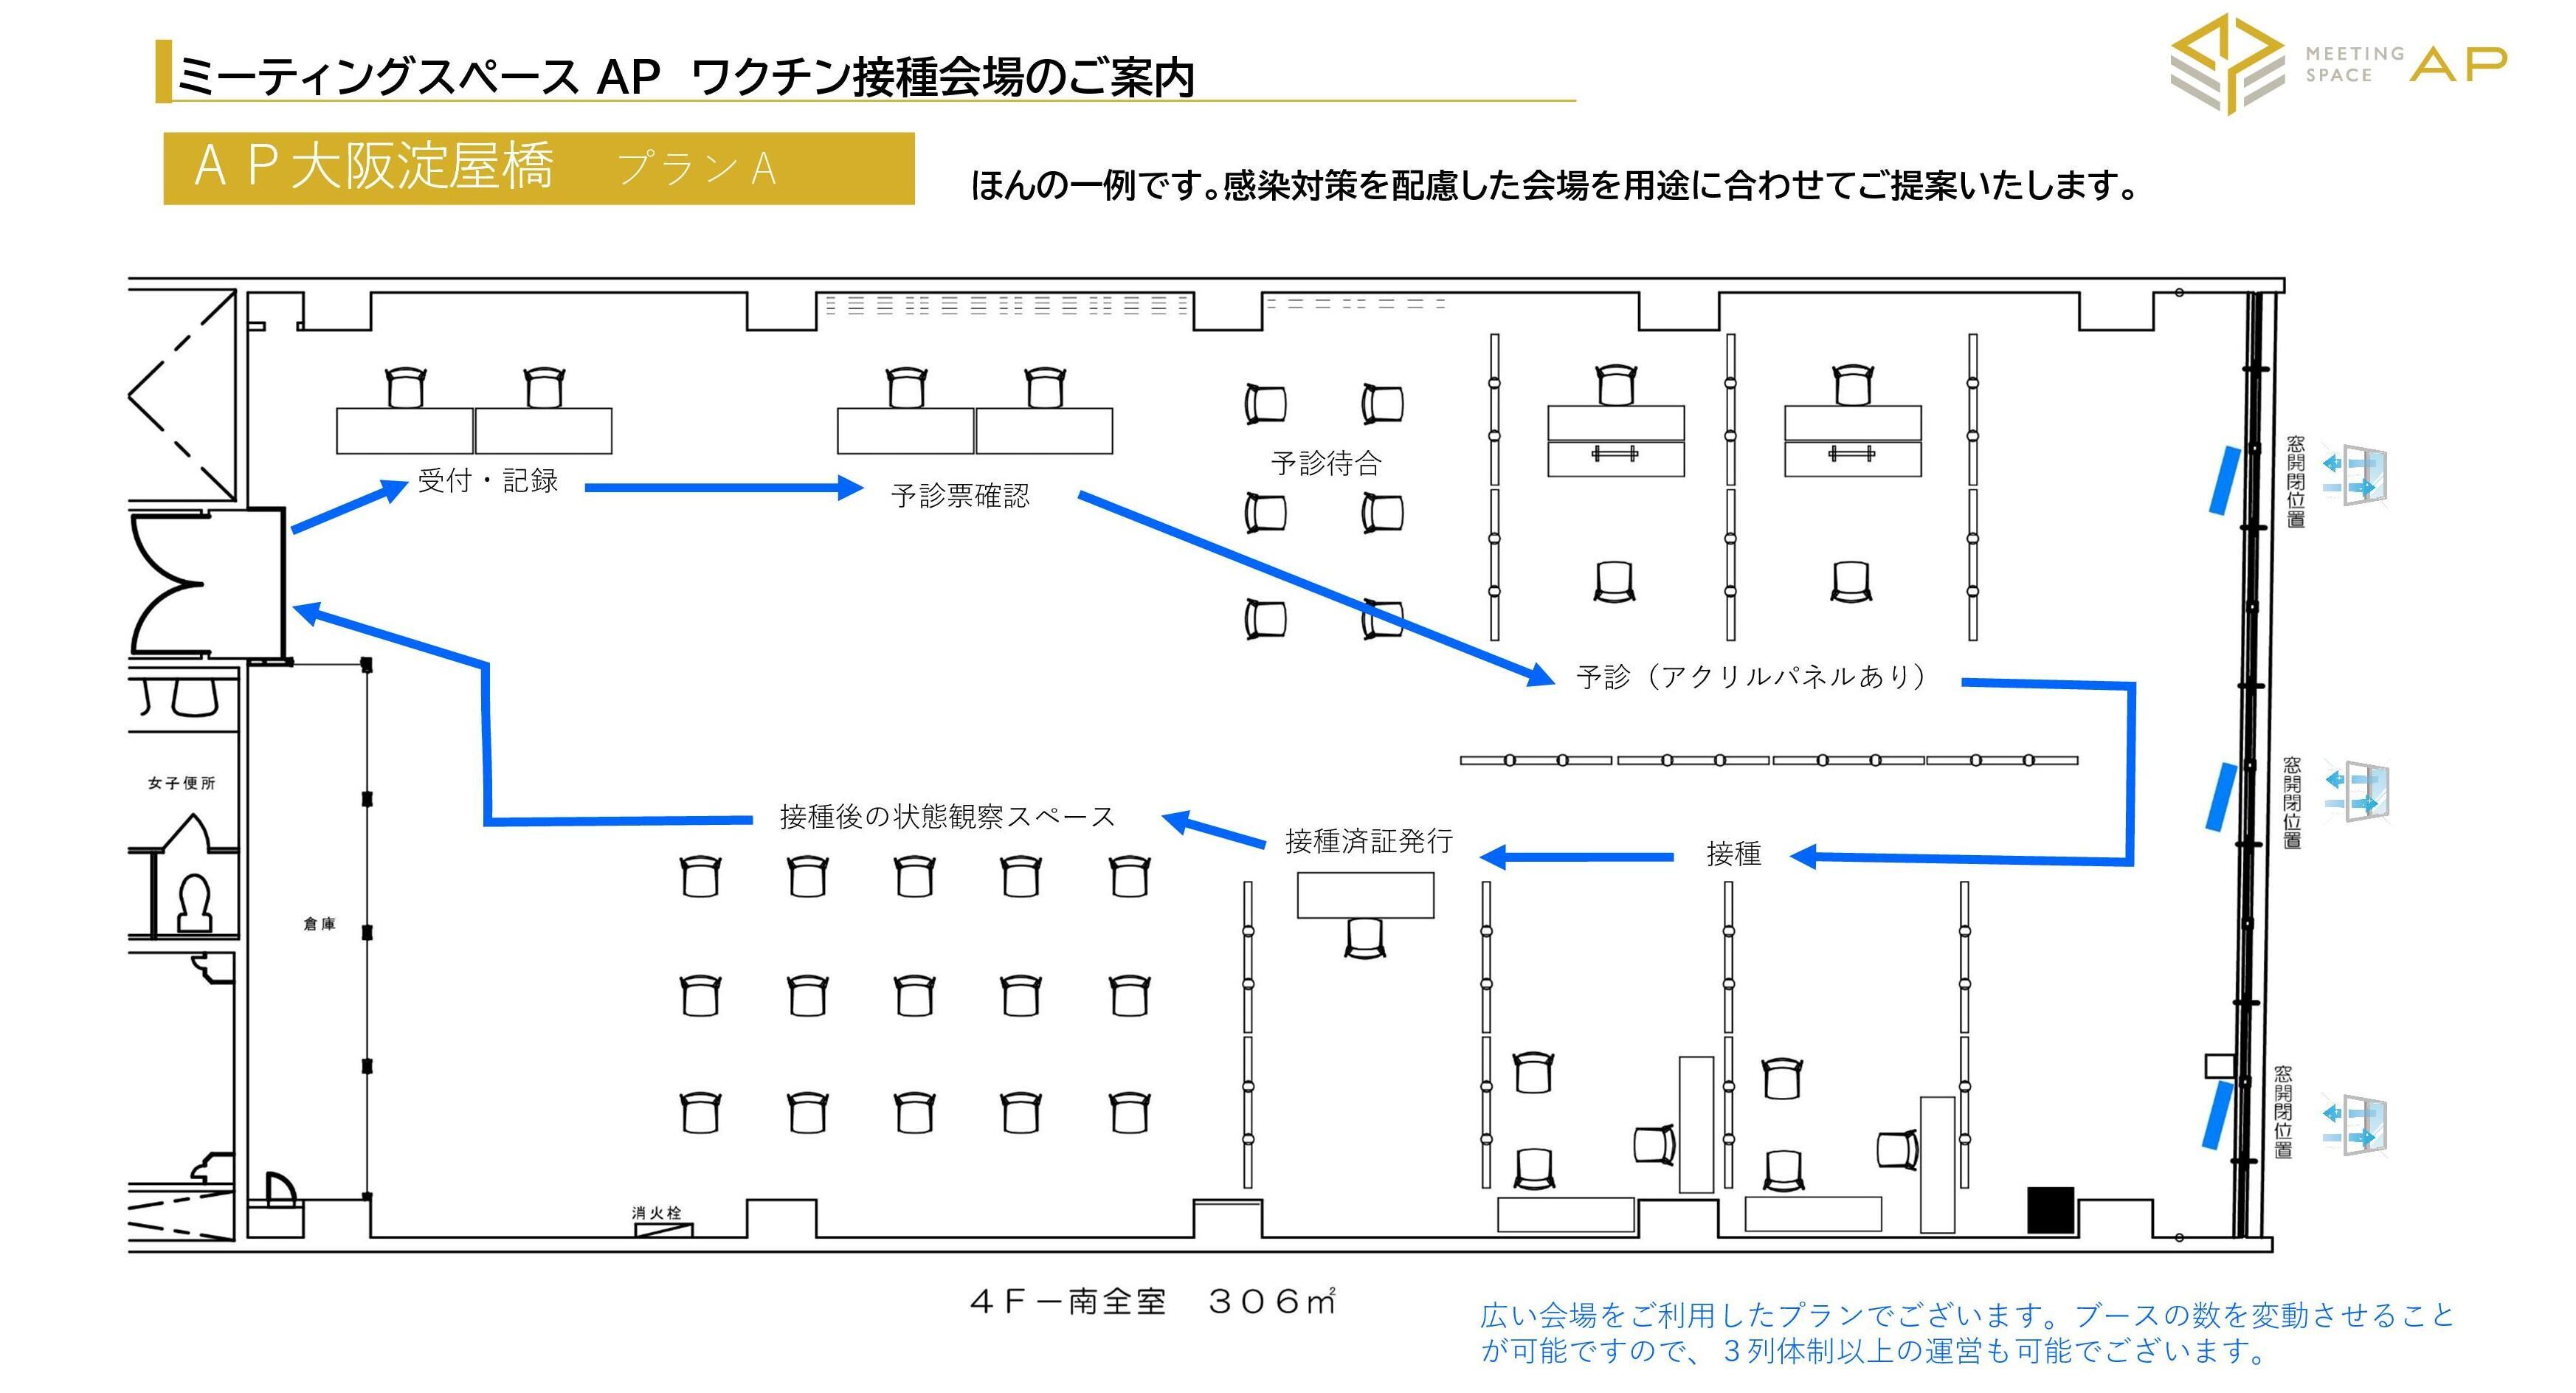 【ご活用例】予防接種会場.jpgのサムネイル画像